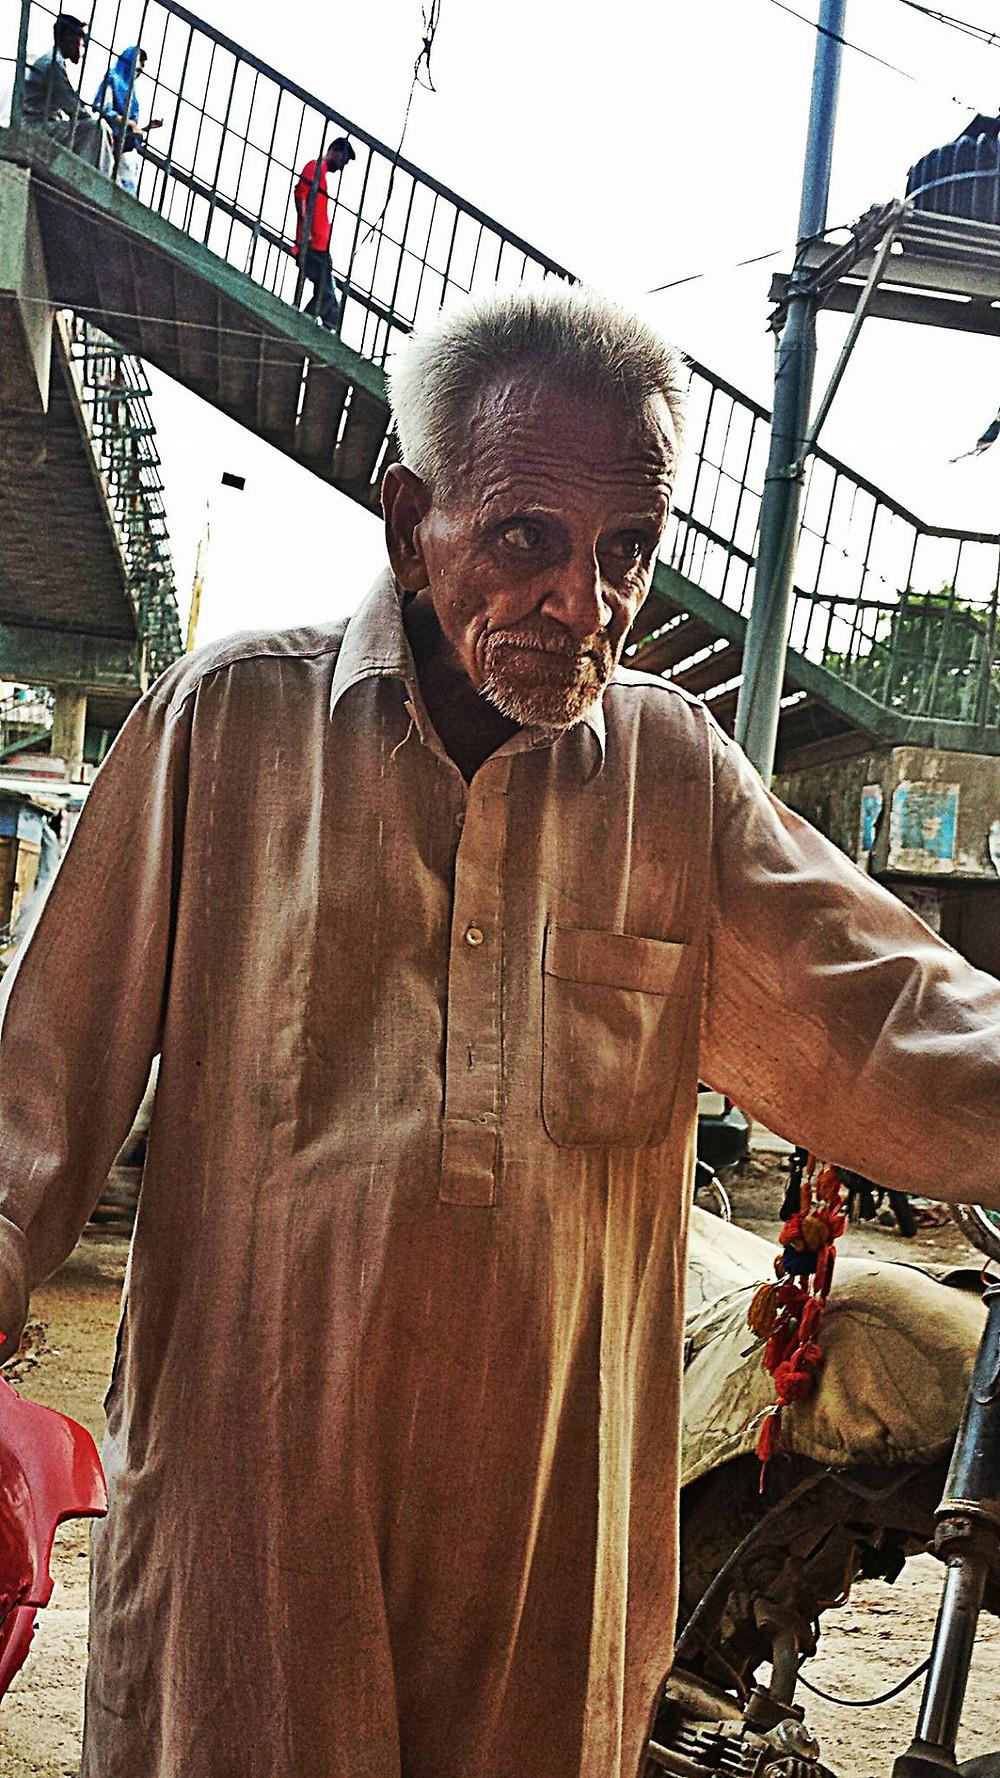 Zafar, age 65, is a beggar in Malir Kala Board.